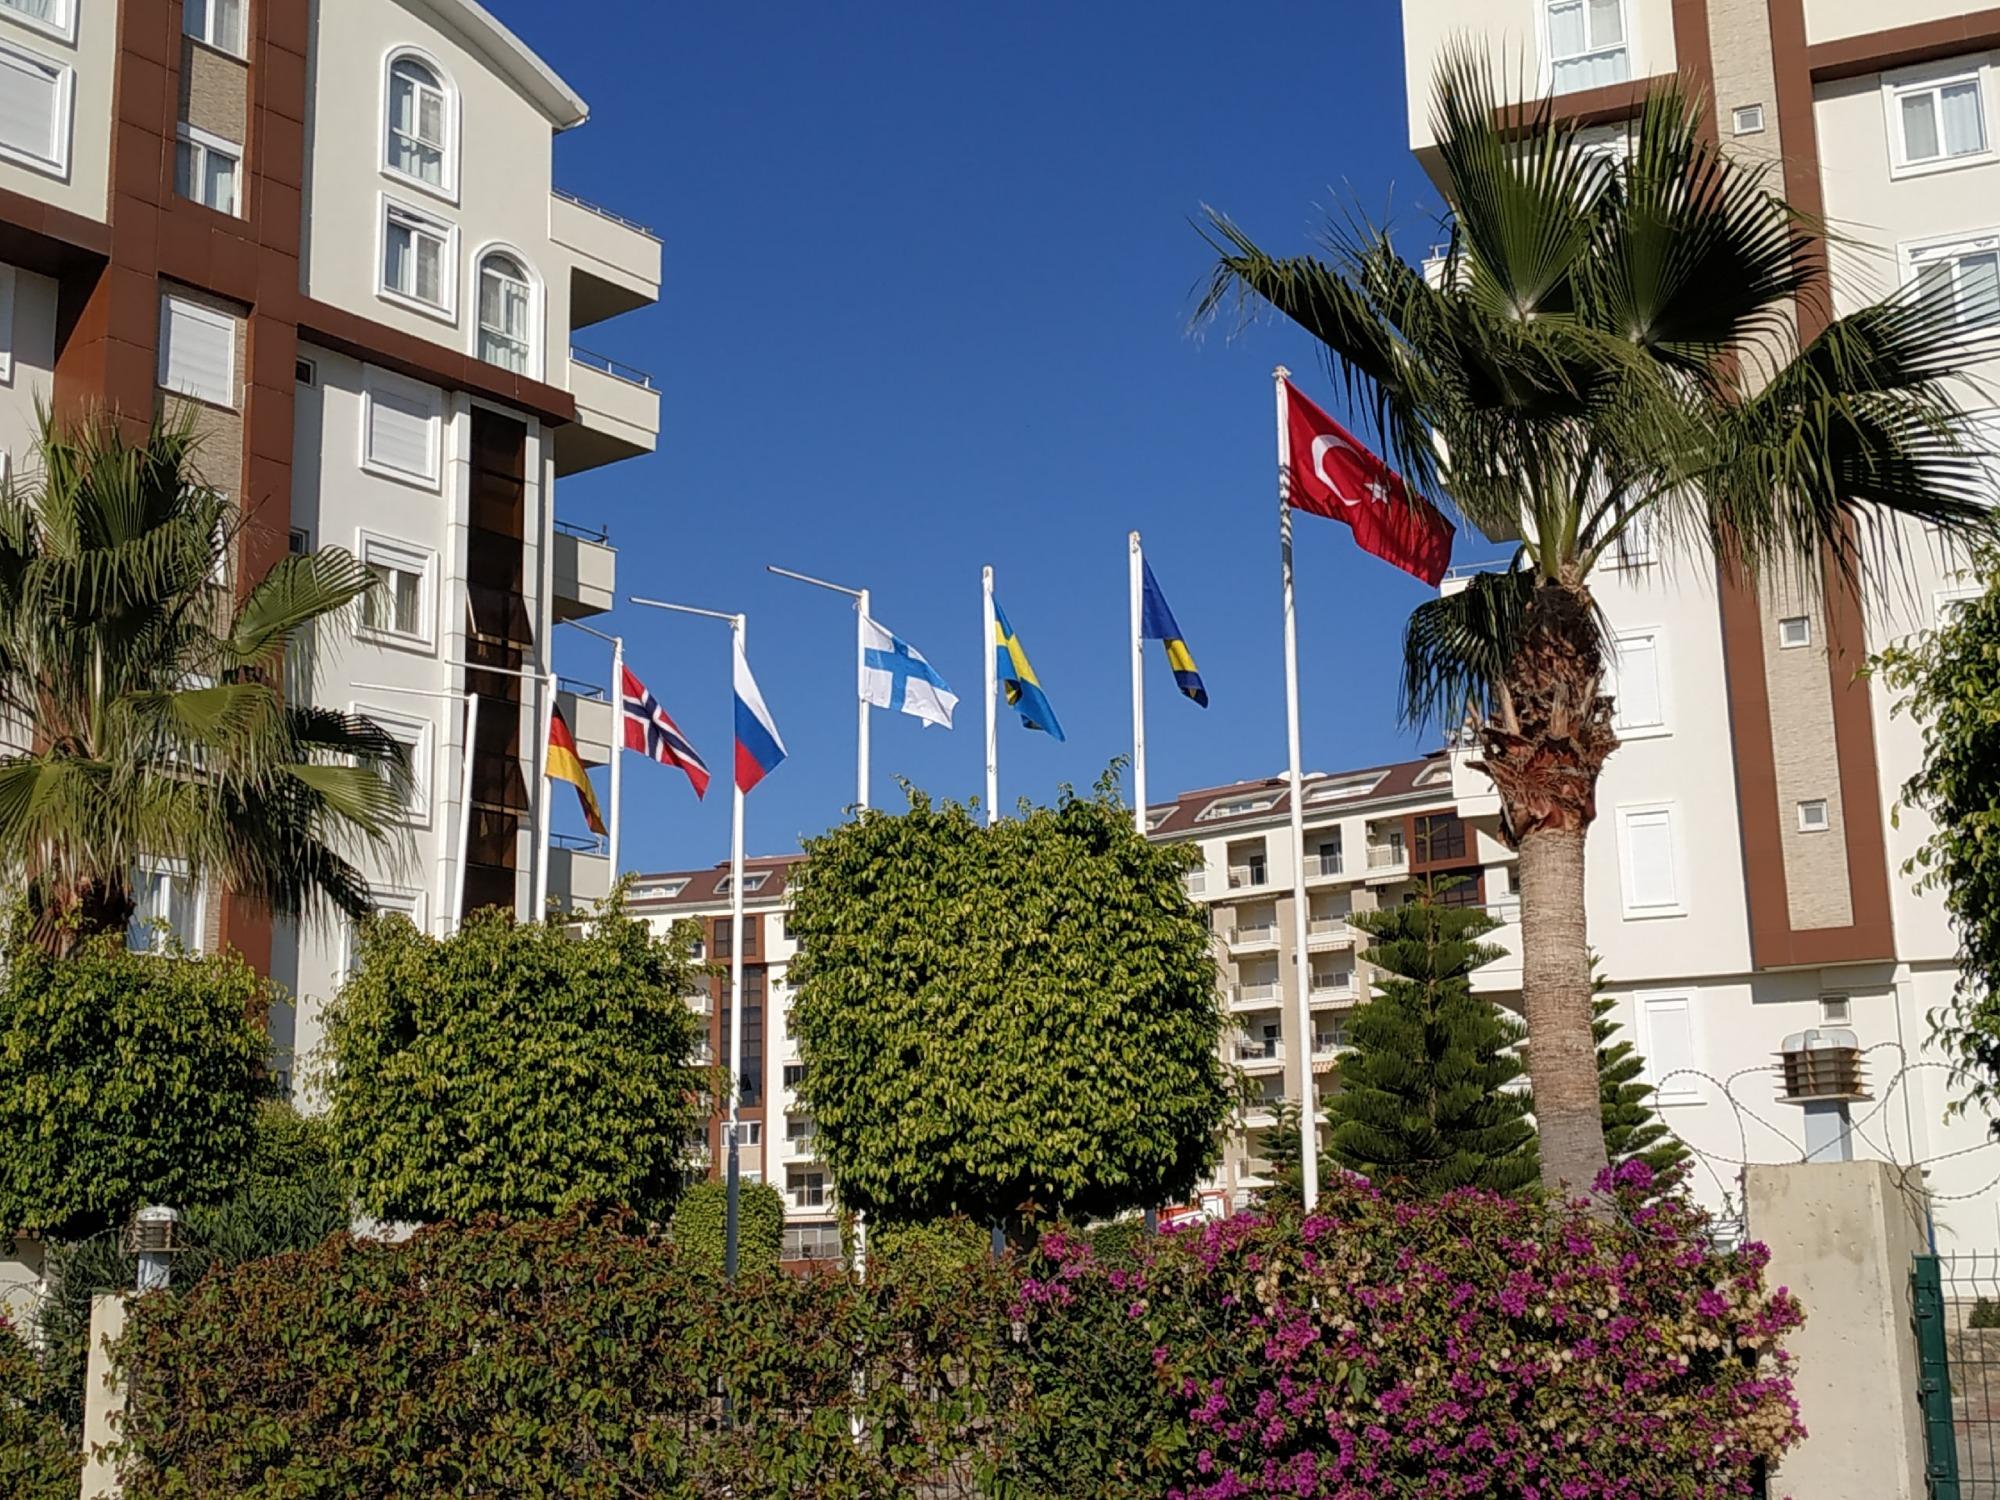 Eski bayrakları yenileriyle değiştirdik - bu Orion City' deki  uluslararası birliğimizin bir sembolüdür.